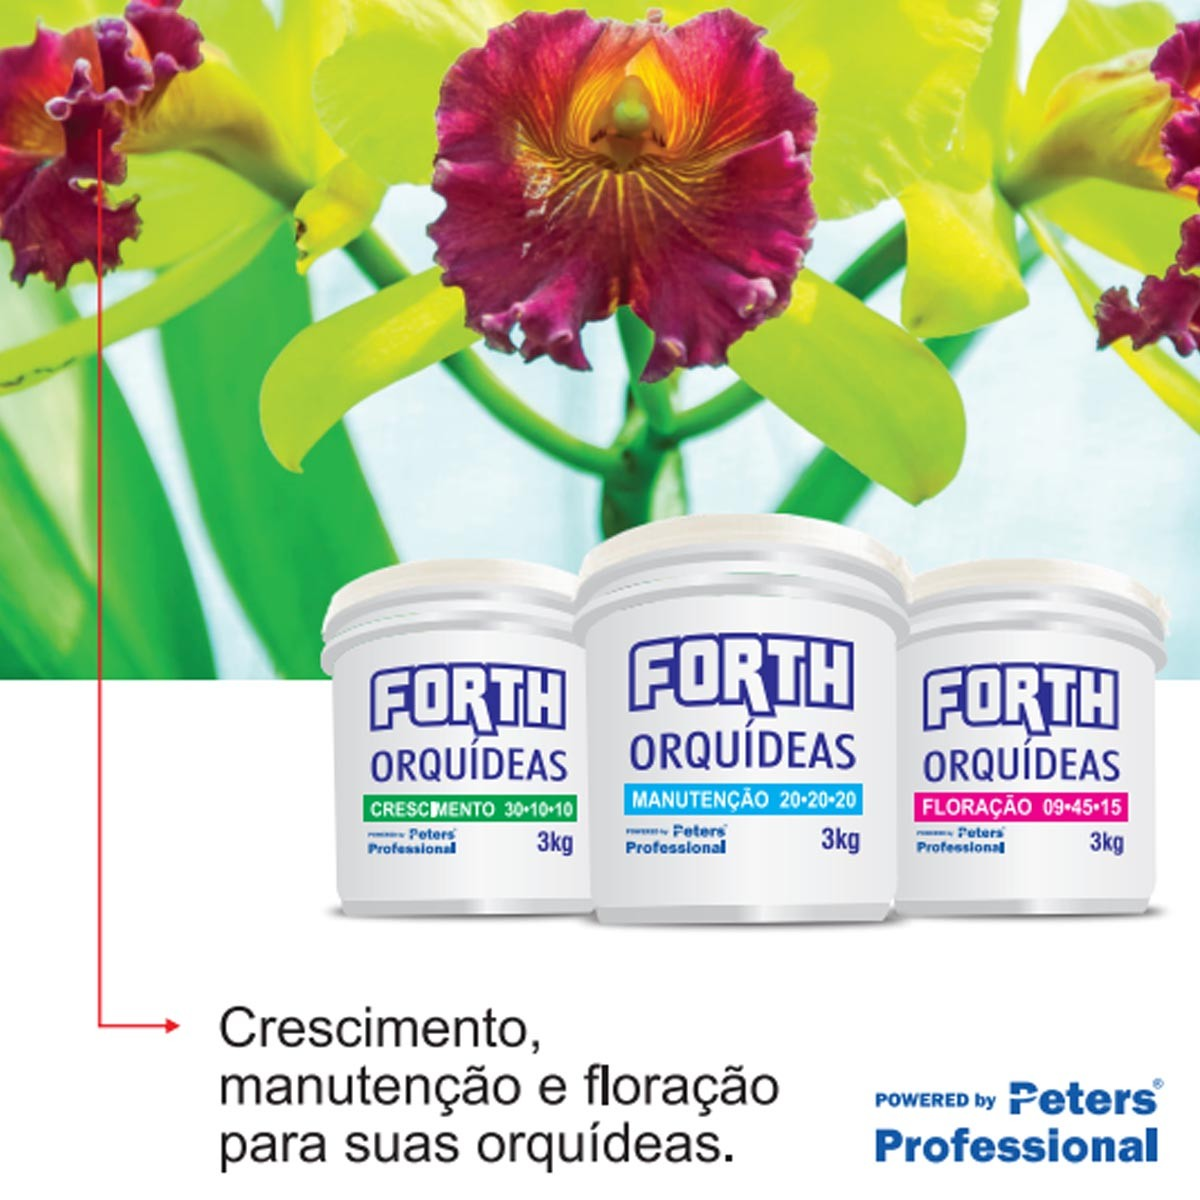 Adubo Fertilizante Forth Orquídea Crescimento 400g